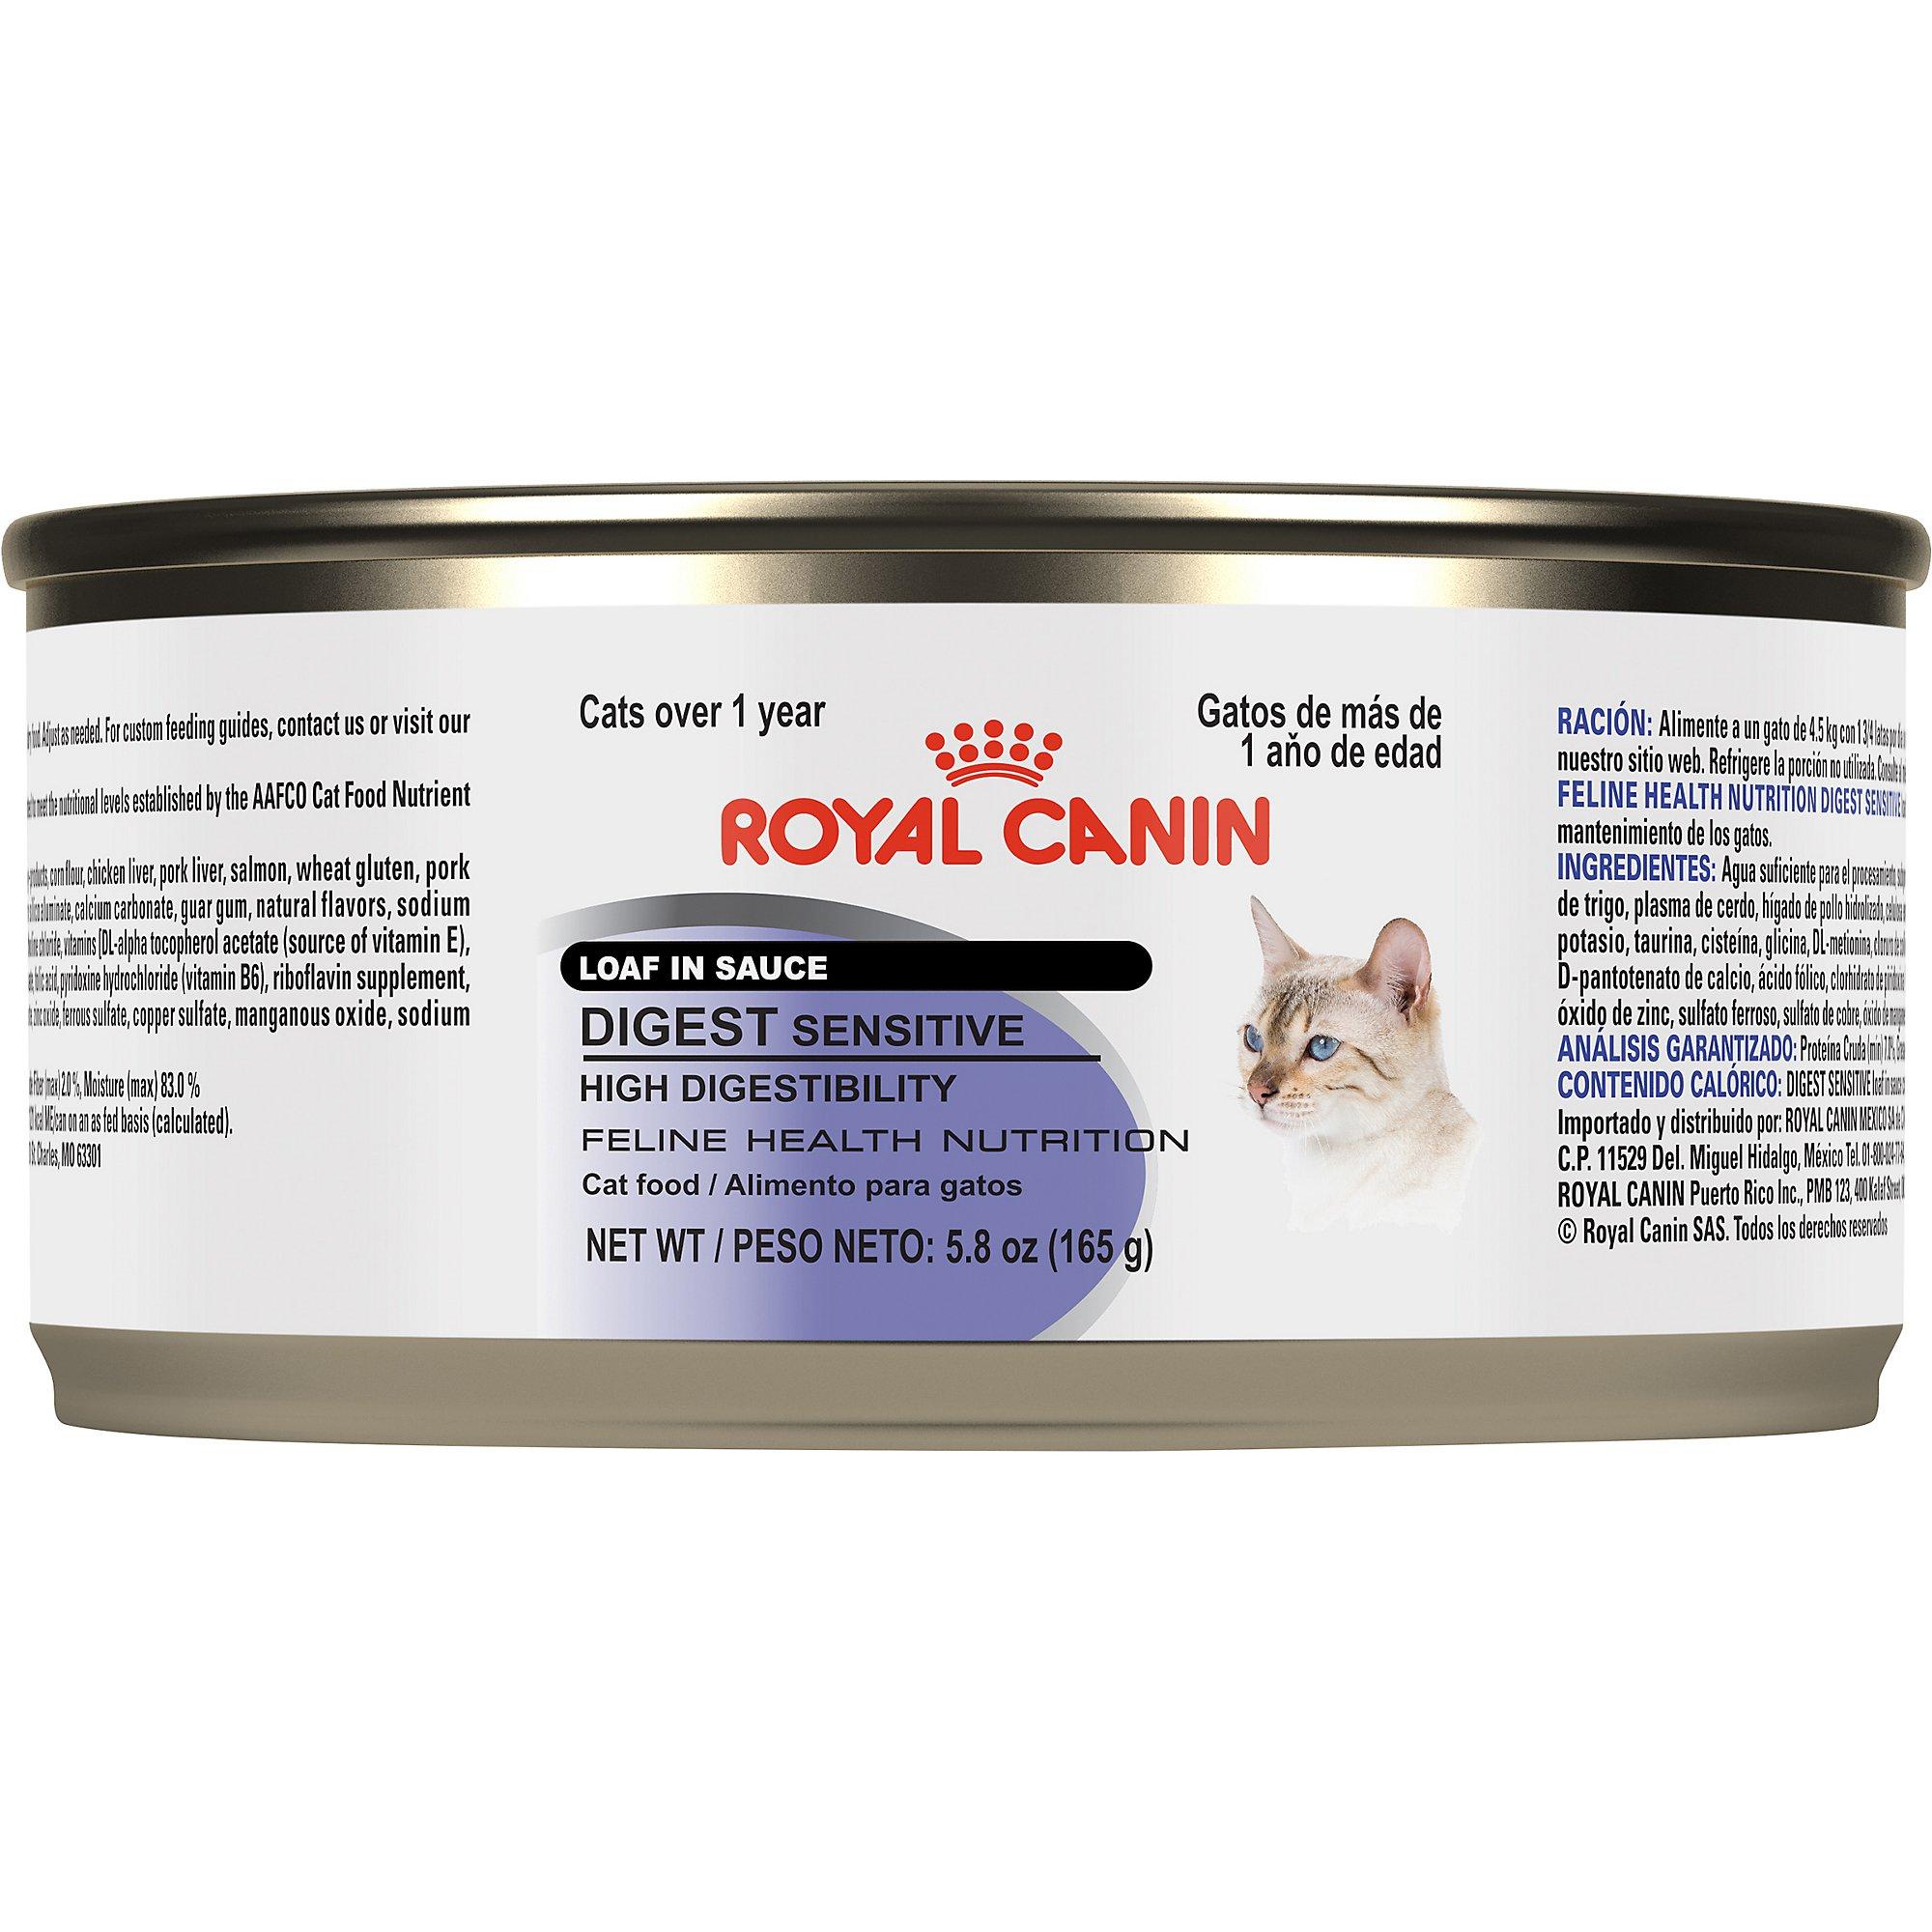 royal canin feline health nutrition digest sensitive loaf in sauce wet cat food petco. Black Bedroom Furniture Sets. Home Design Ideas